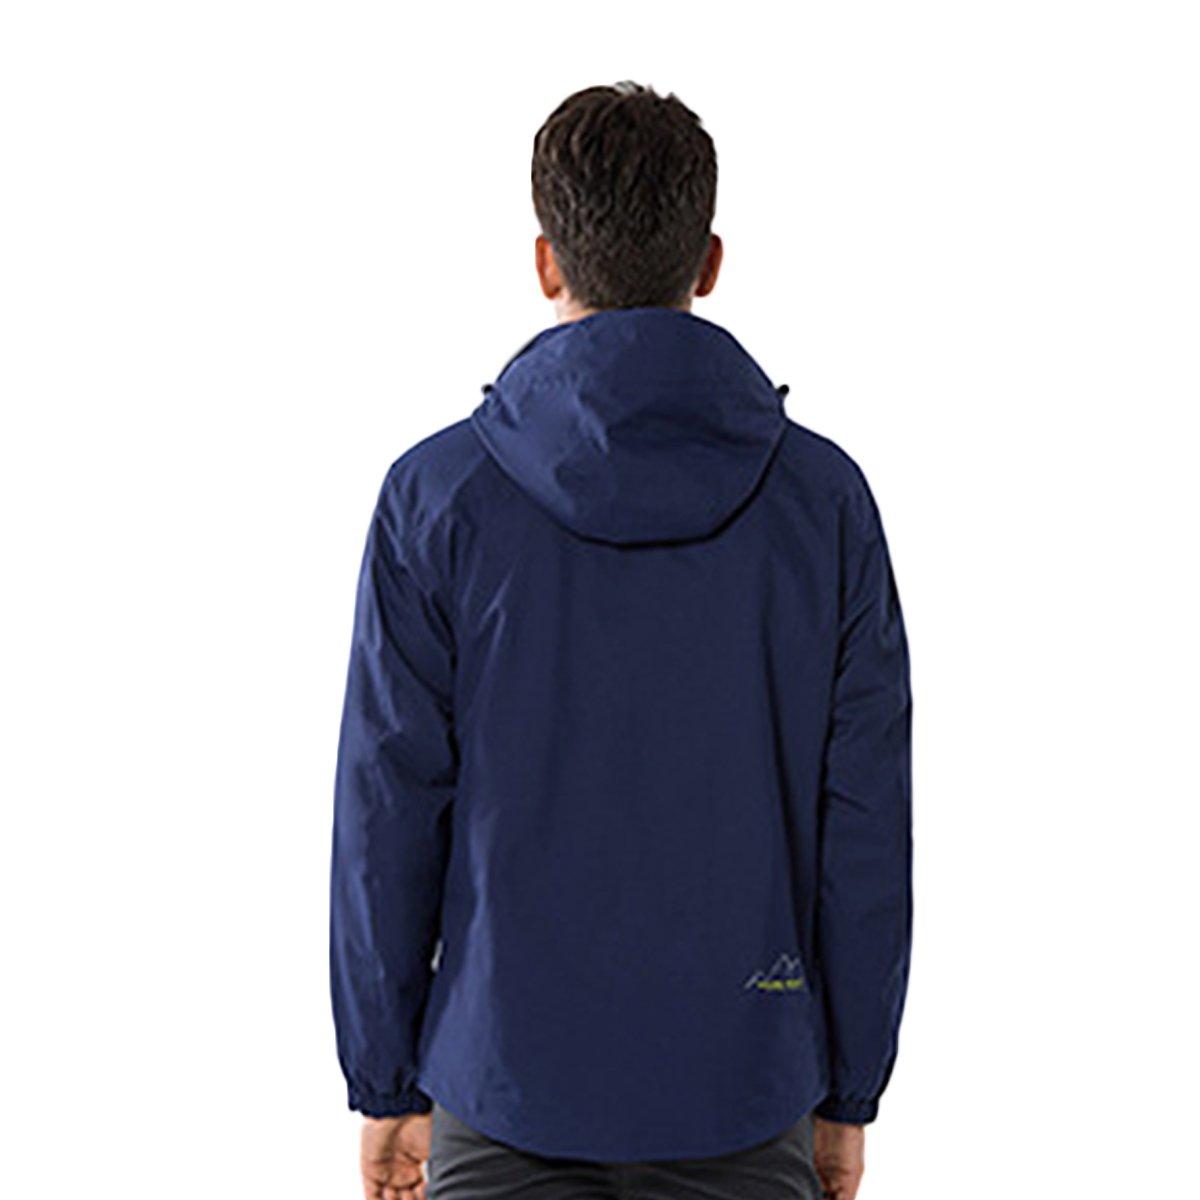 Amazon.com: dnstar Invierno de los hombres 3 en 1 chaqueta ...